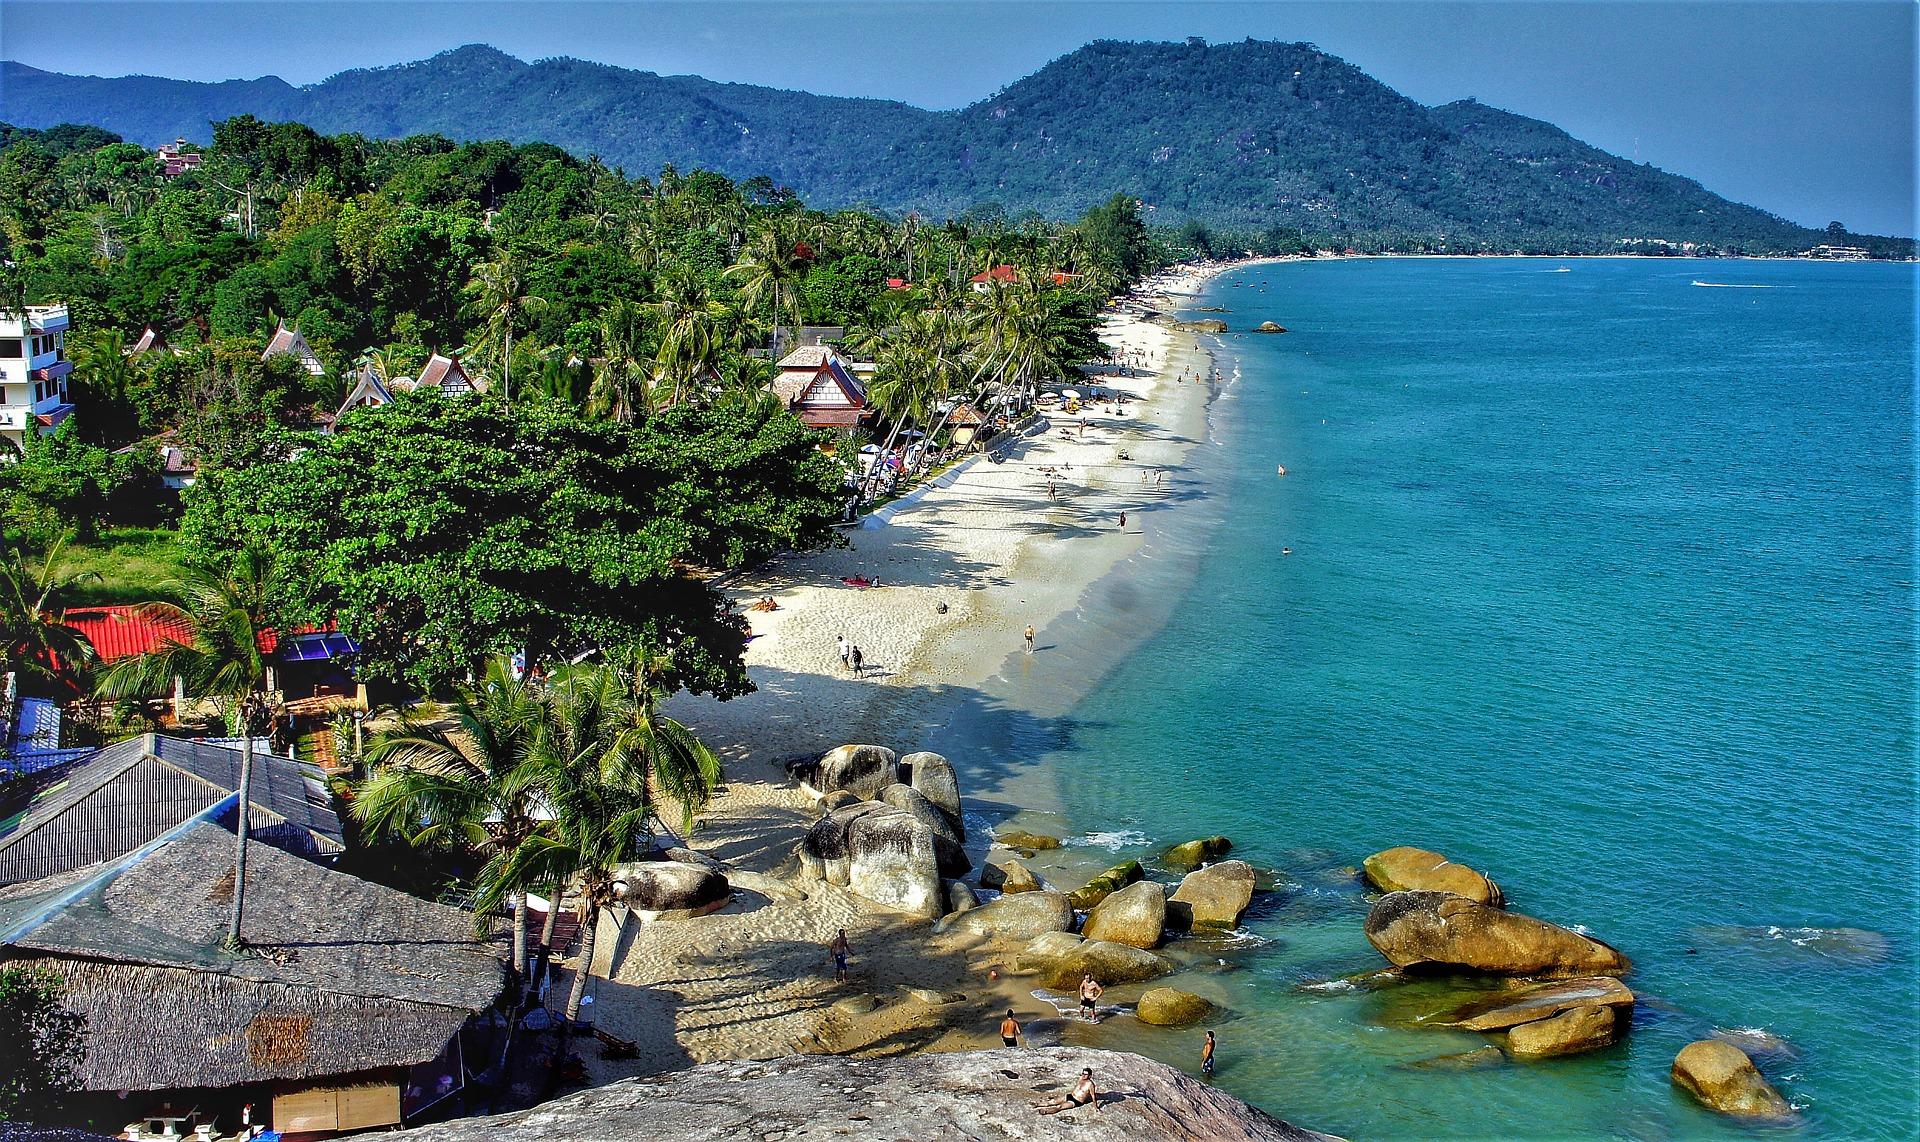 thailandia in estate